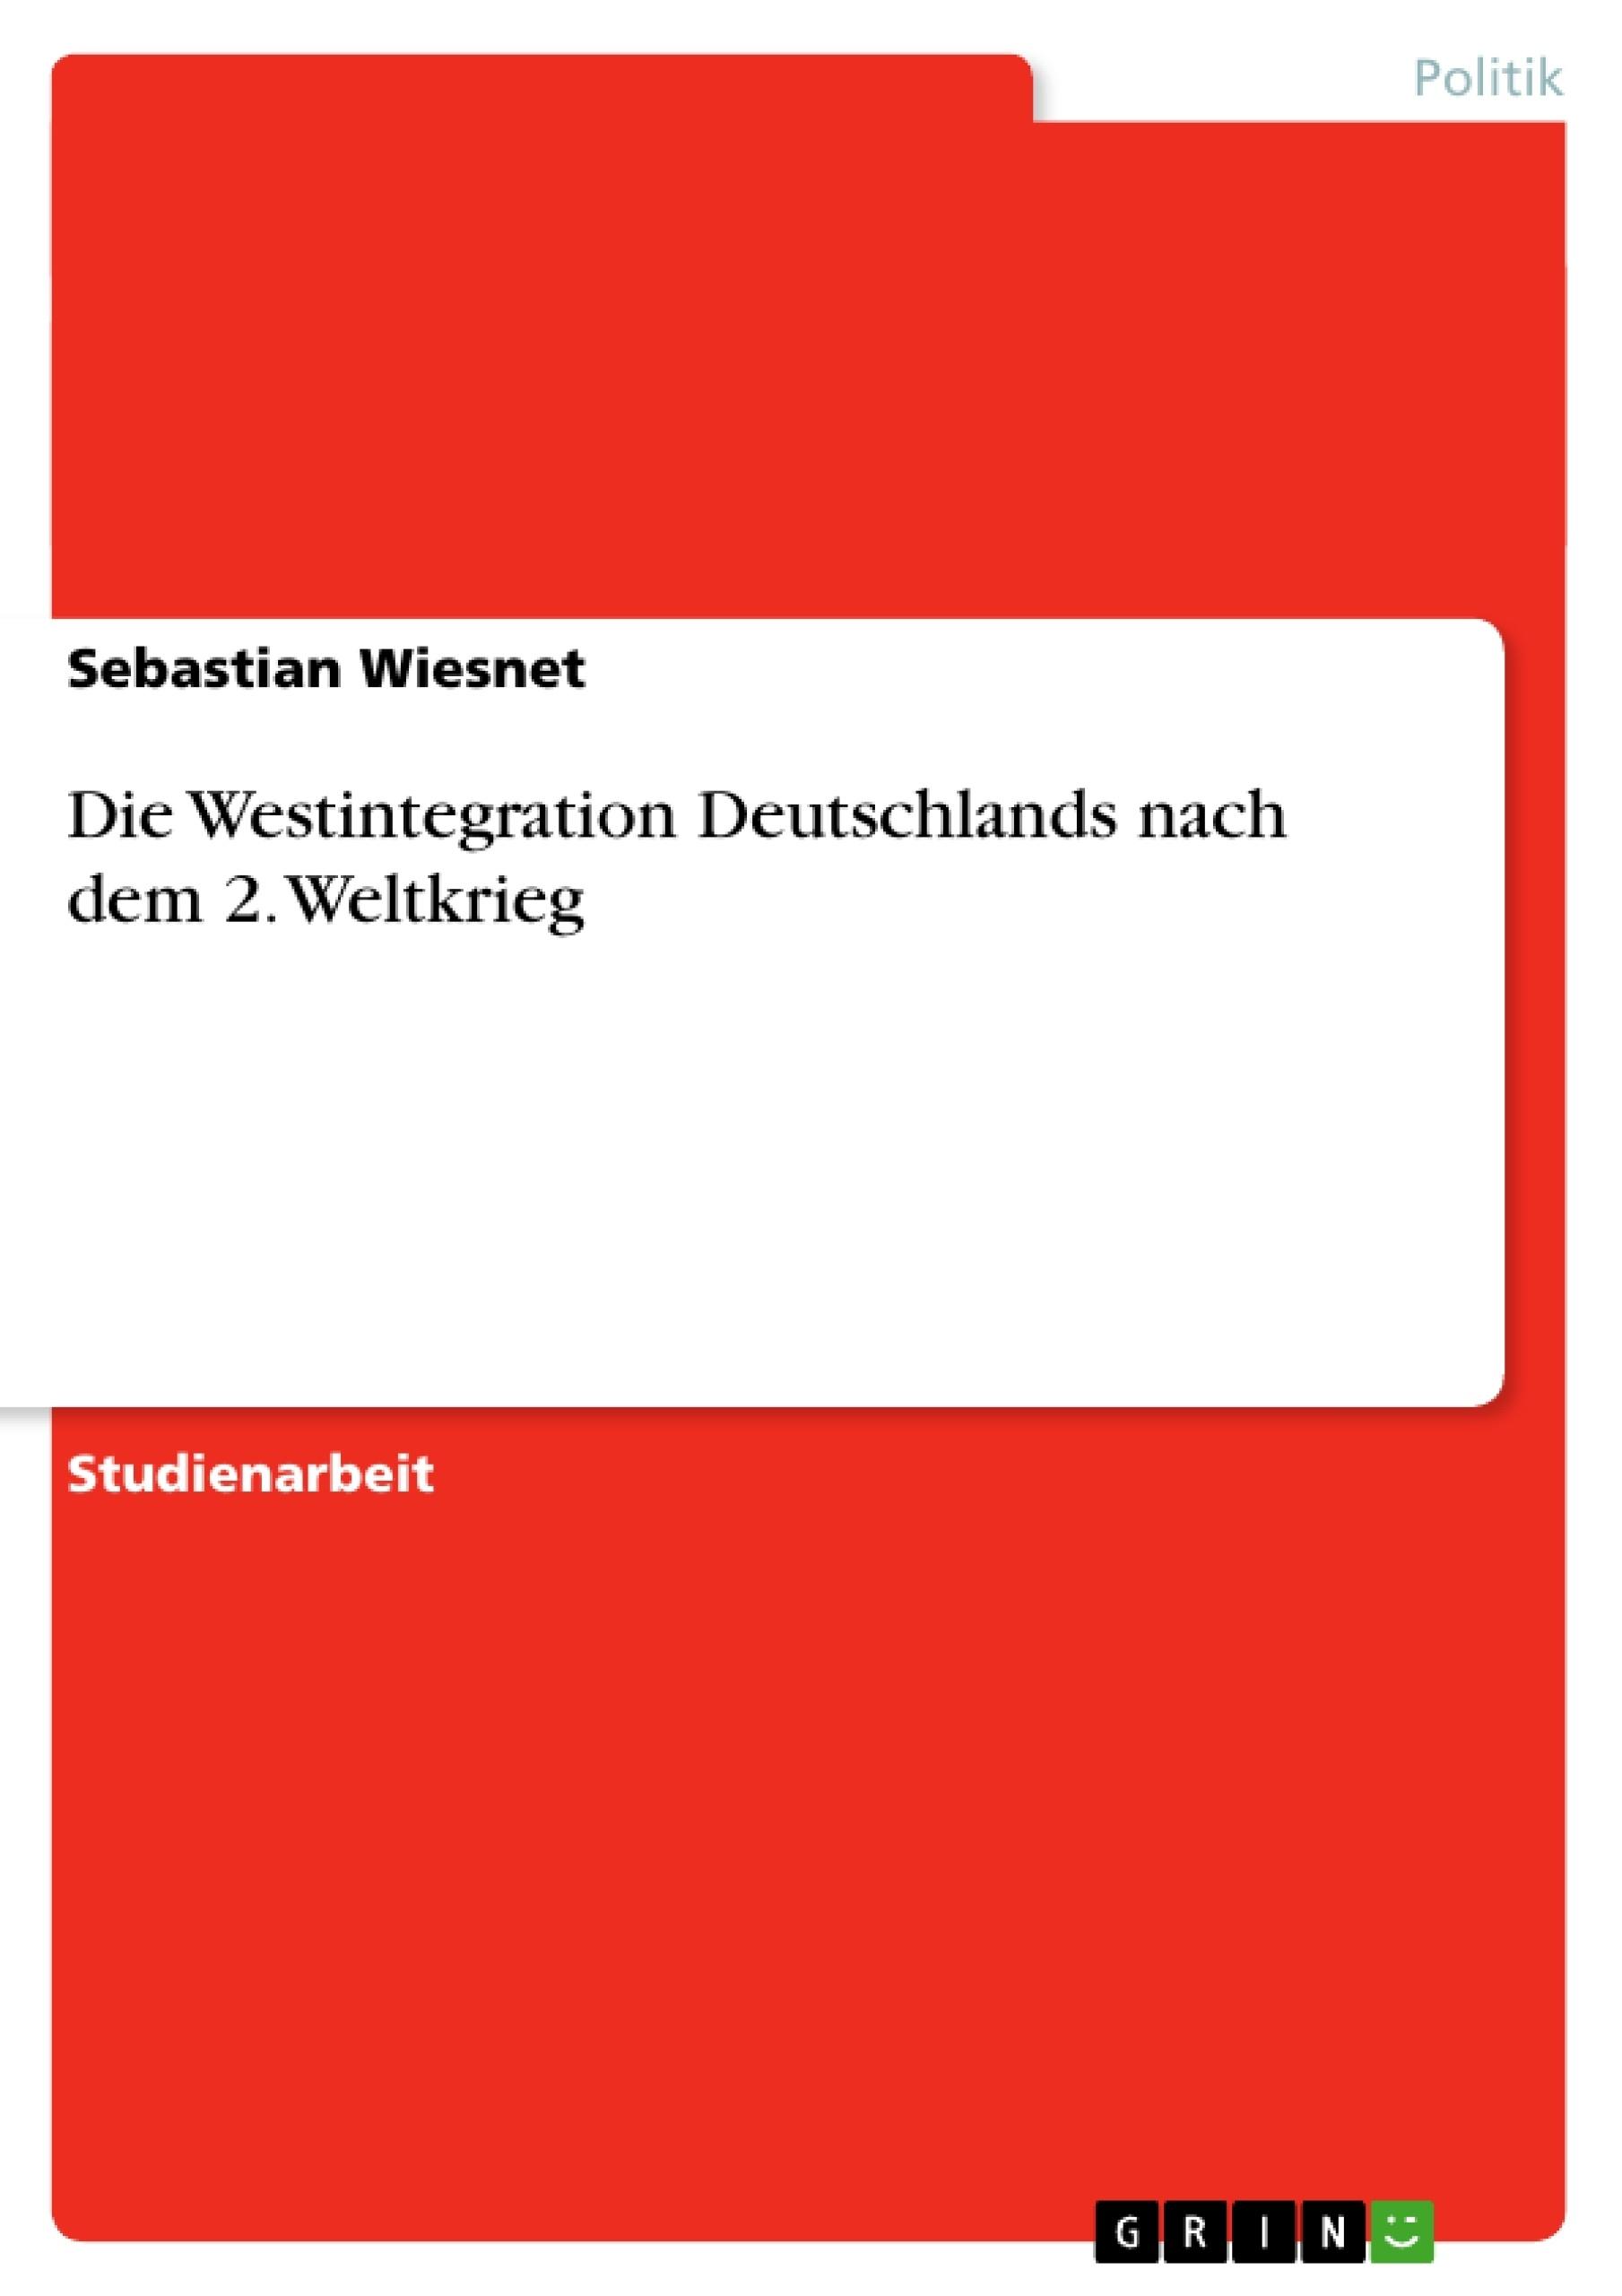 Titel: Die Westintegration Deutschlands nach dem 2. Weltkrieg